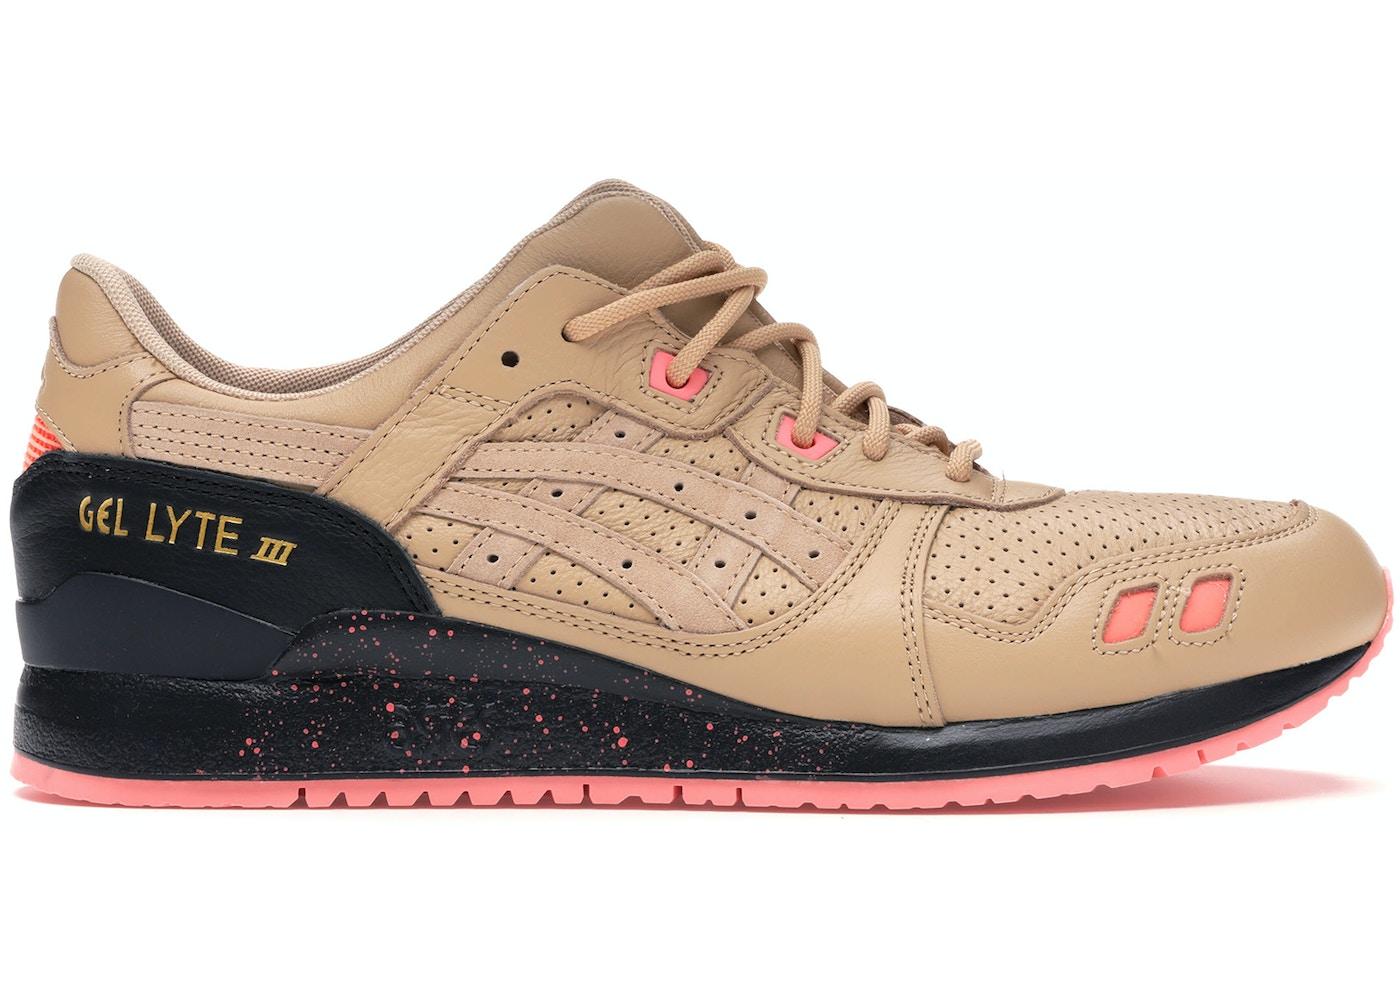 meilleures baskets 8fdac 9d4a4 Footwear - Release Date